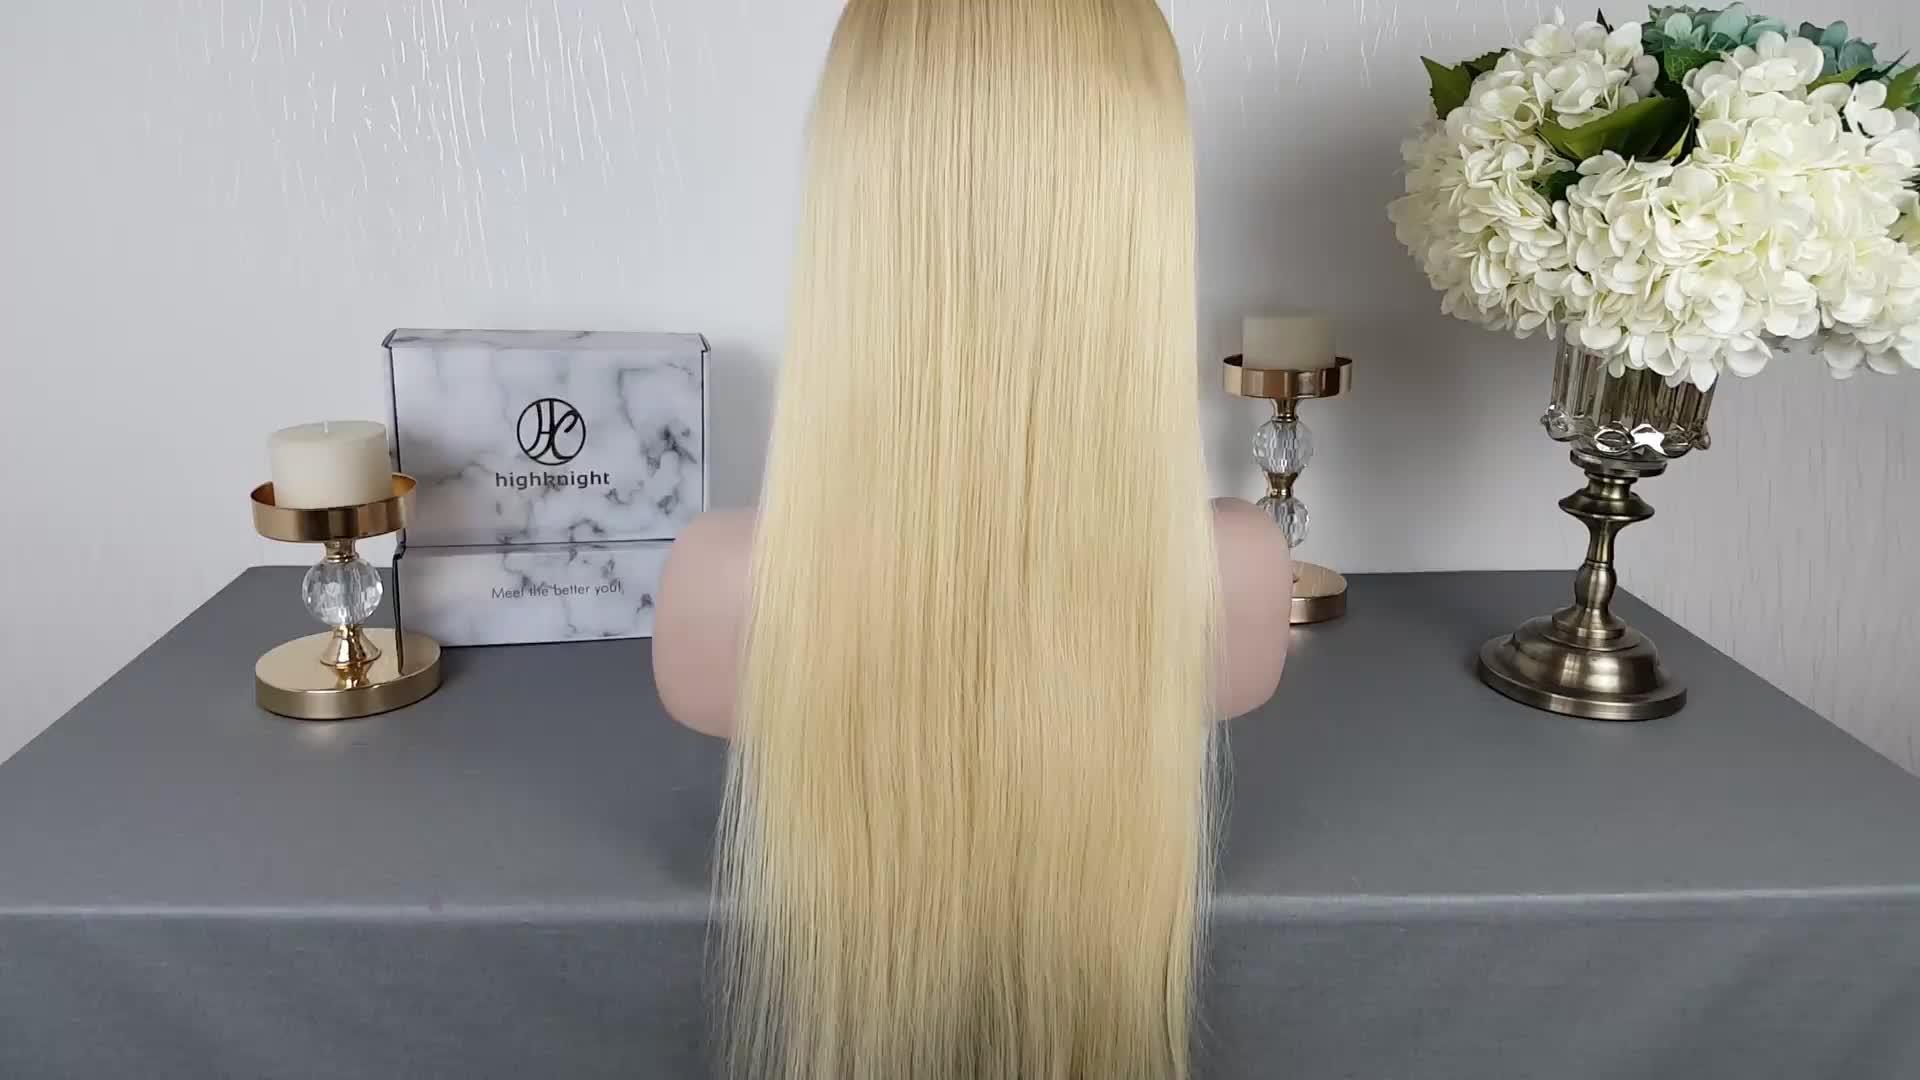 Highknight 100% Humain Vierge Cheveux 613 Blonde Cheveux Humains Pleine Perruque De Lacet Cheveux Bresiliens 613 Vierge Cheveux Dentelle Avant Perruque